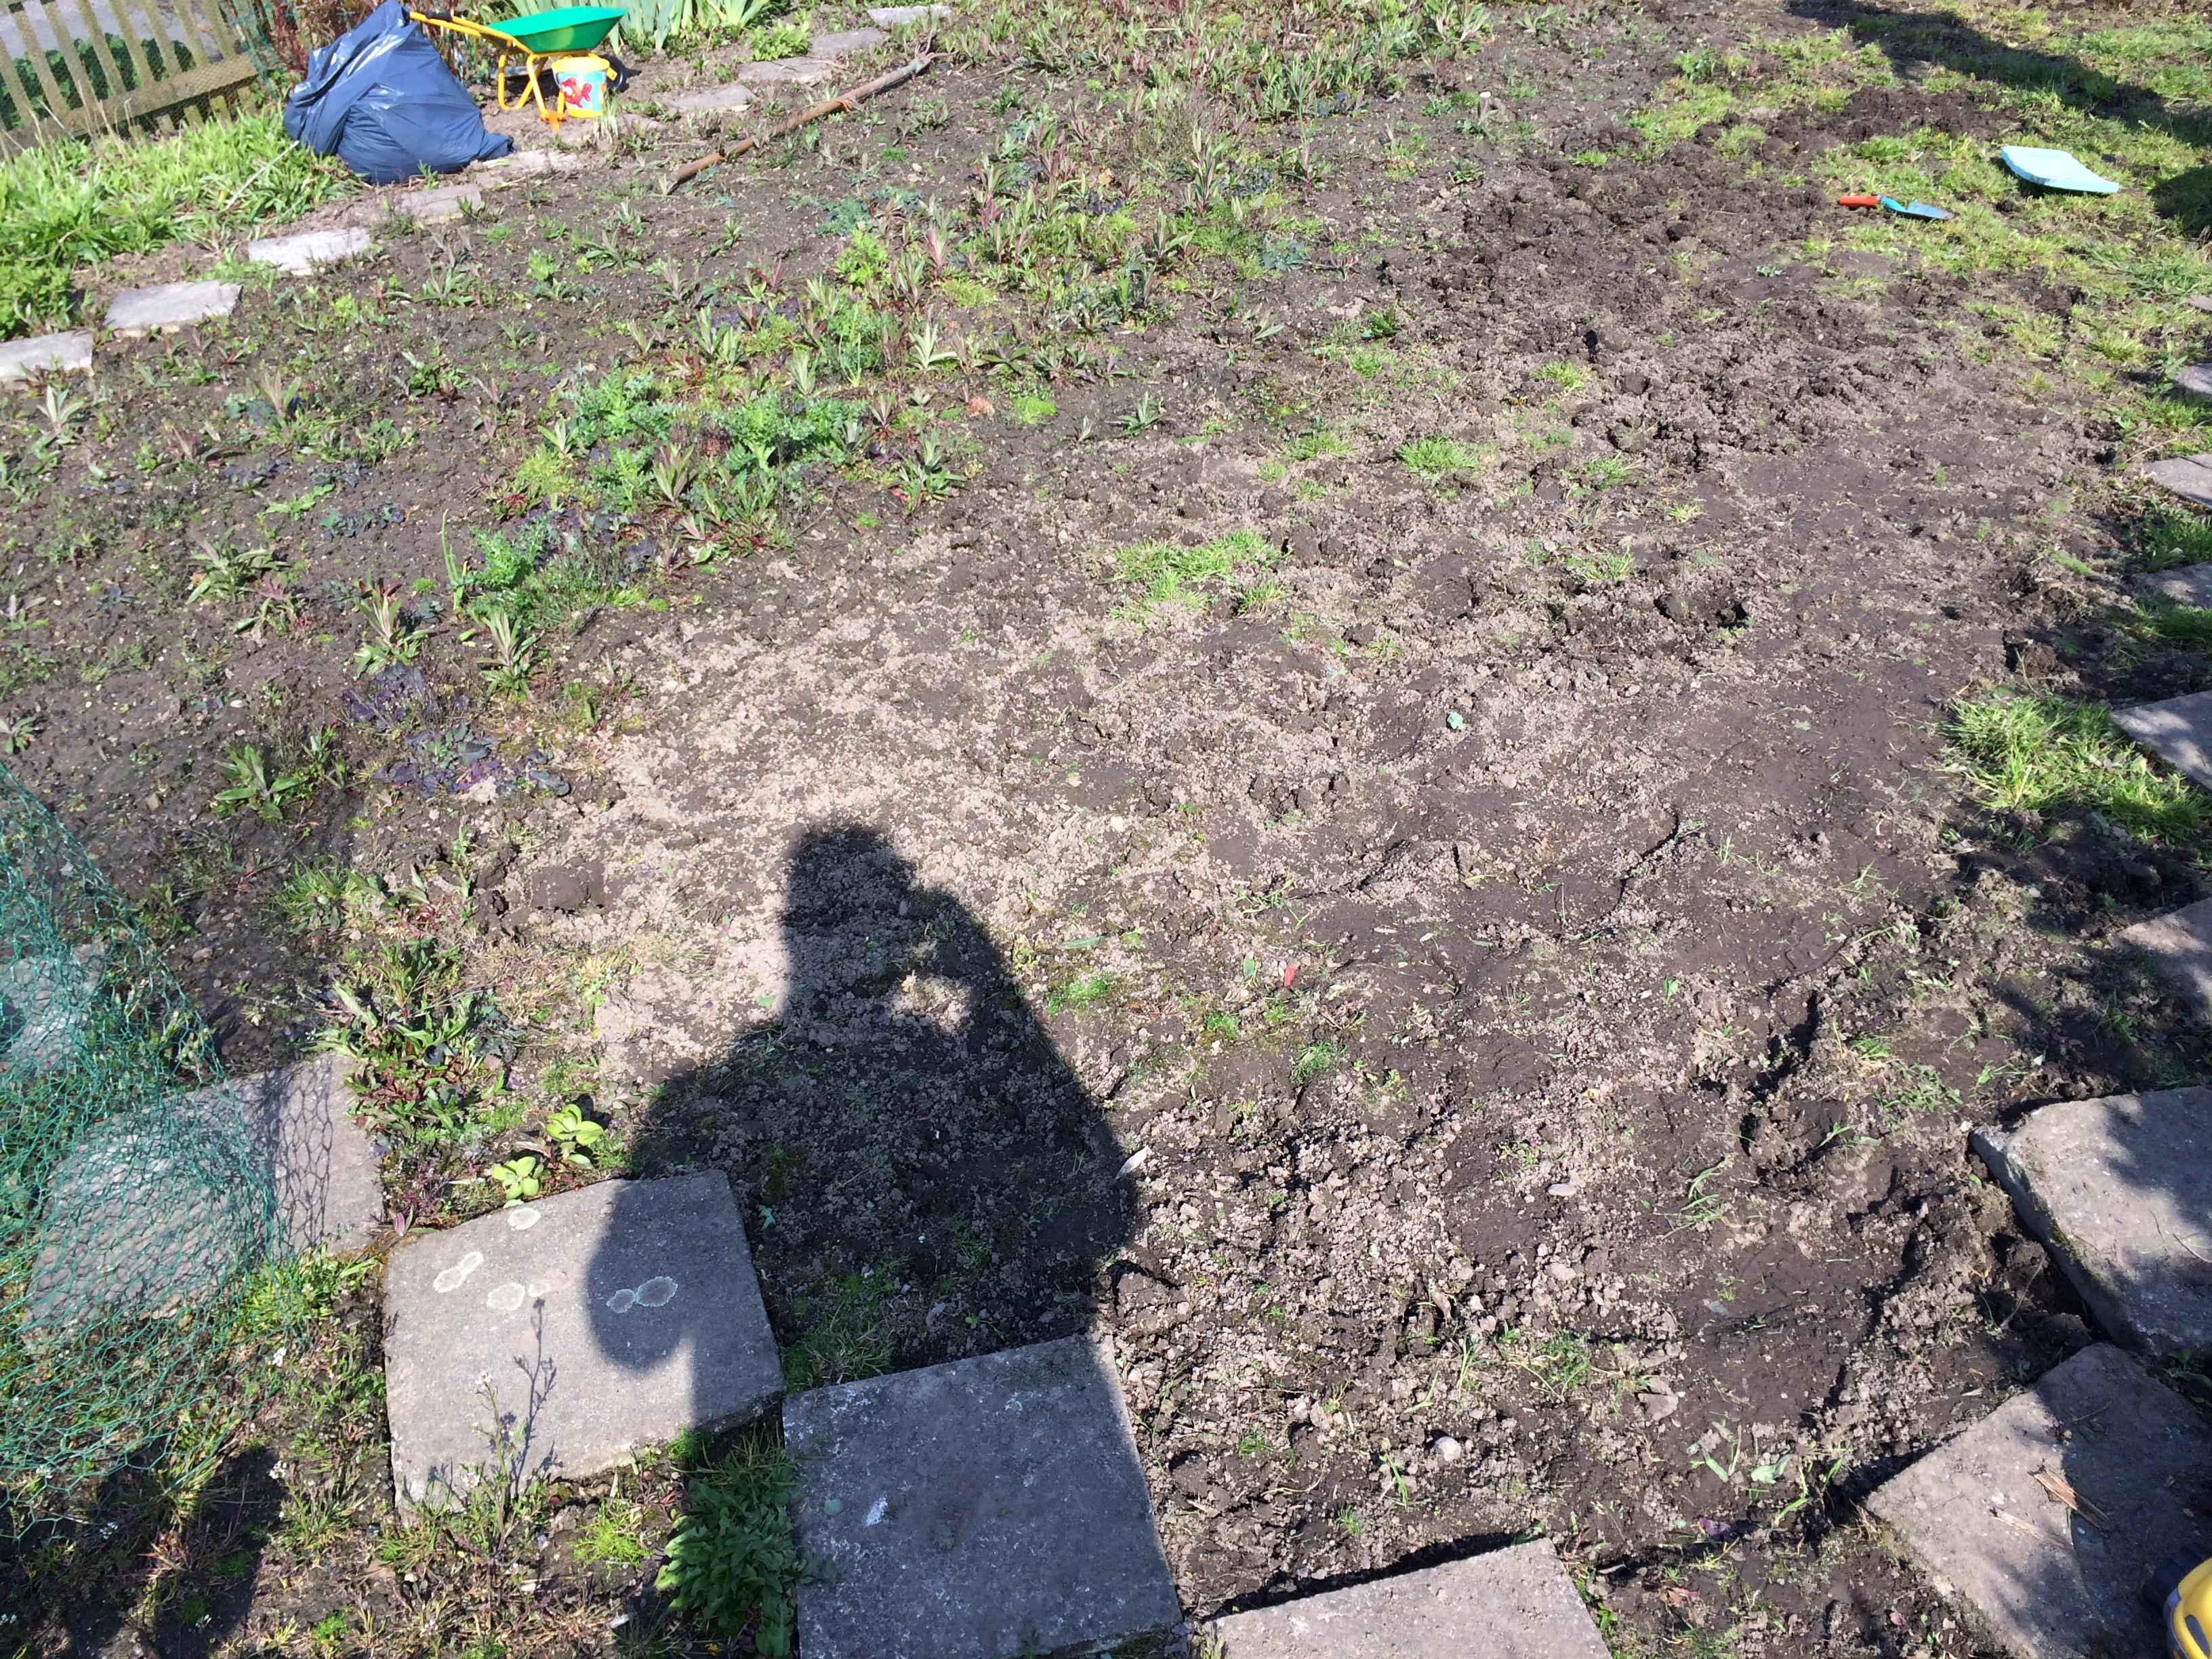 Gemeinsame Das Beet umgraben - eine Anleitung in 5 Schritten @EW_09